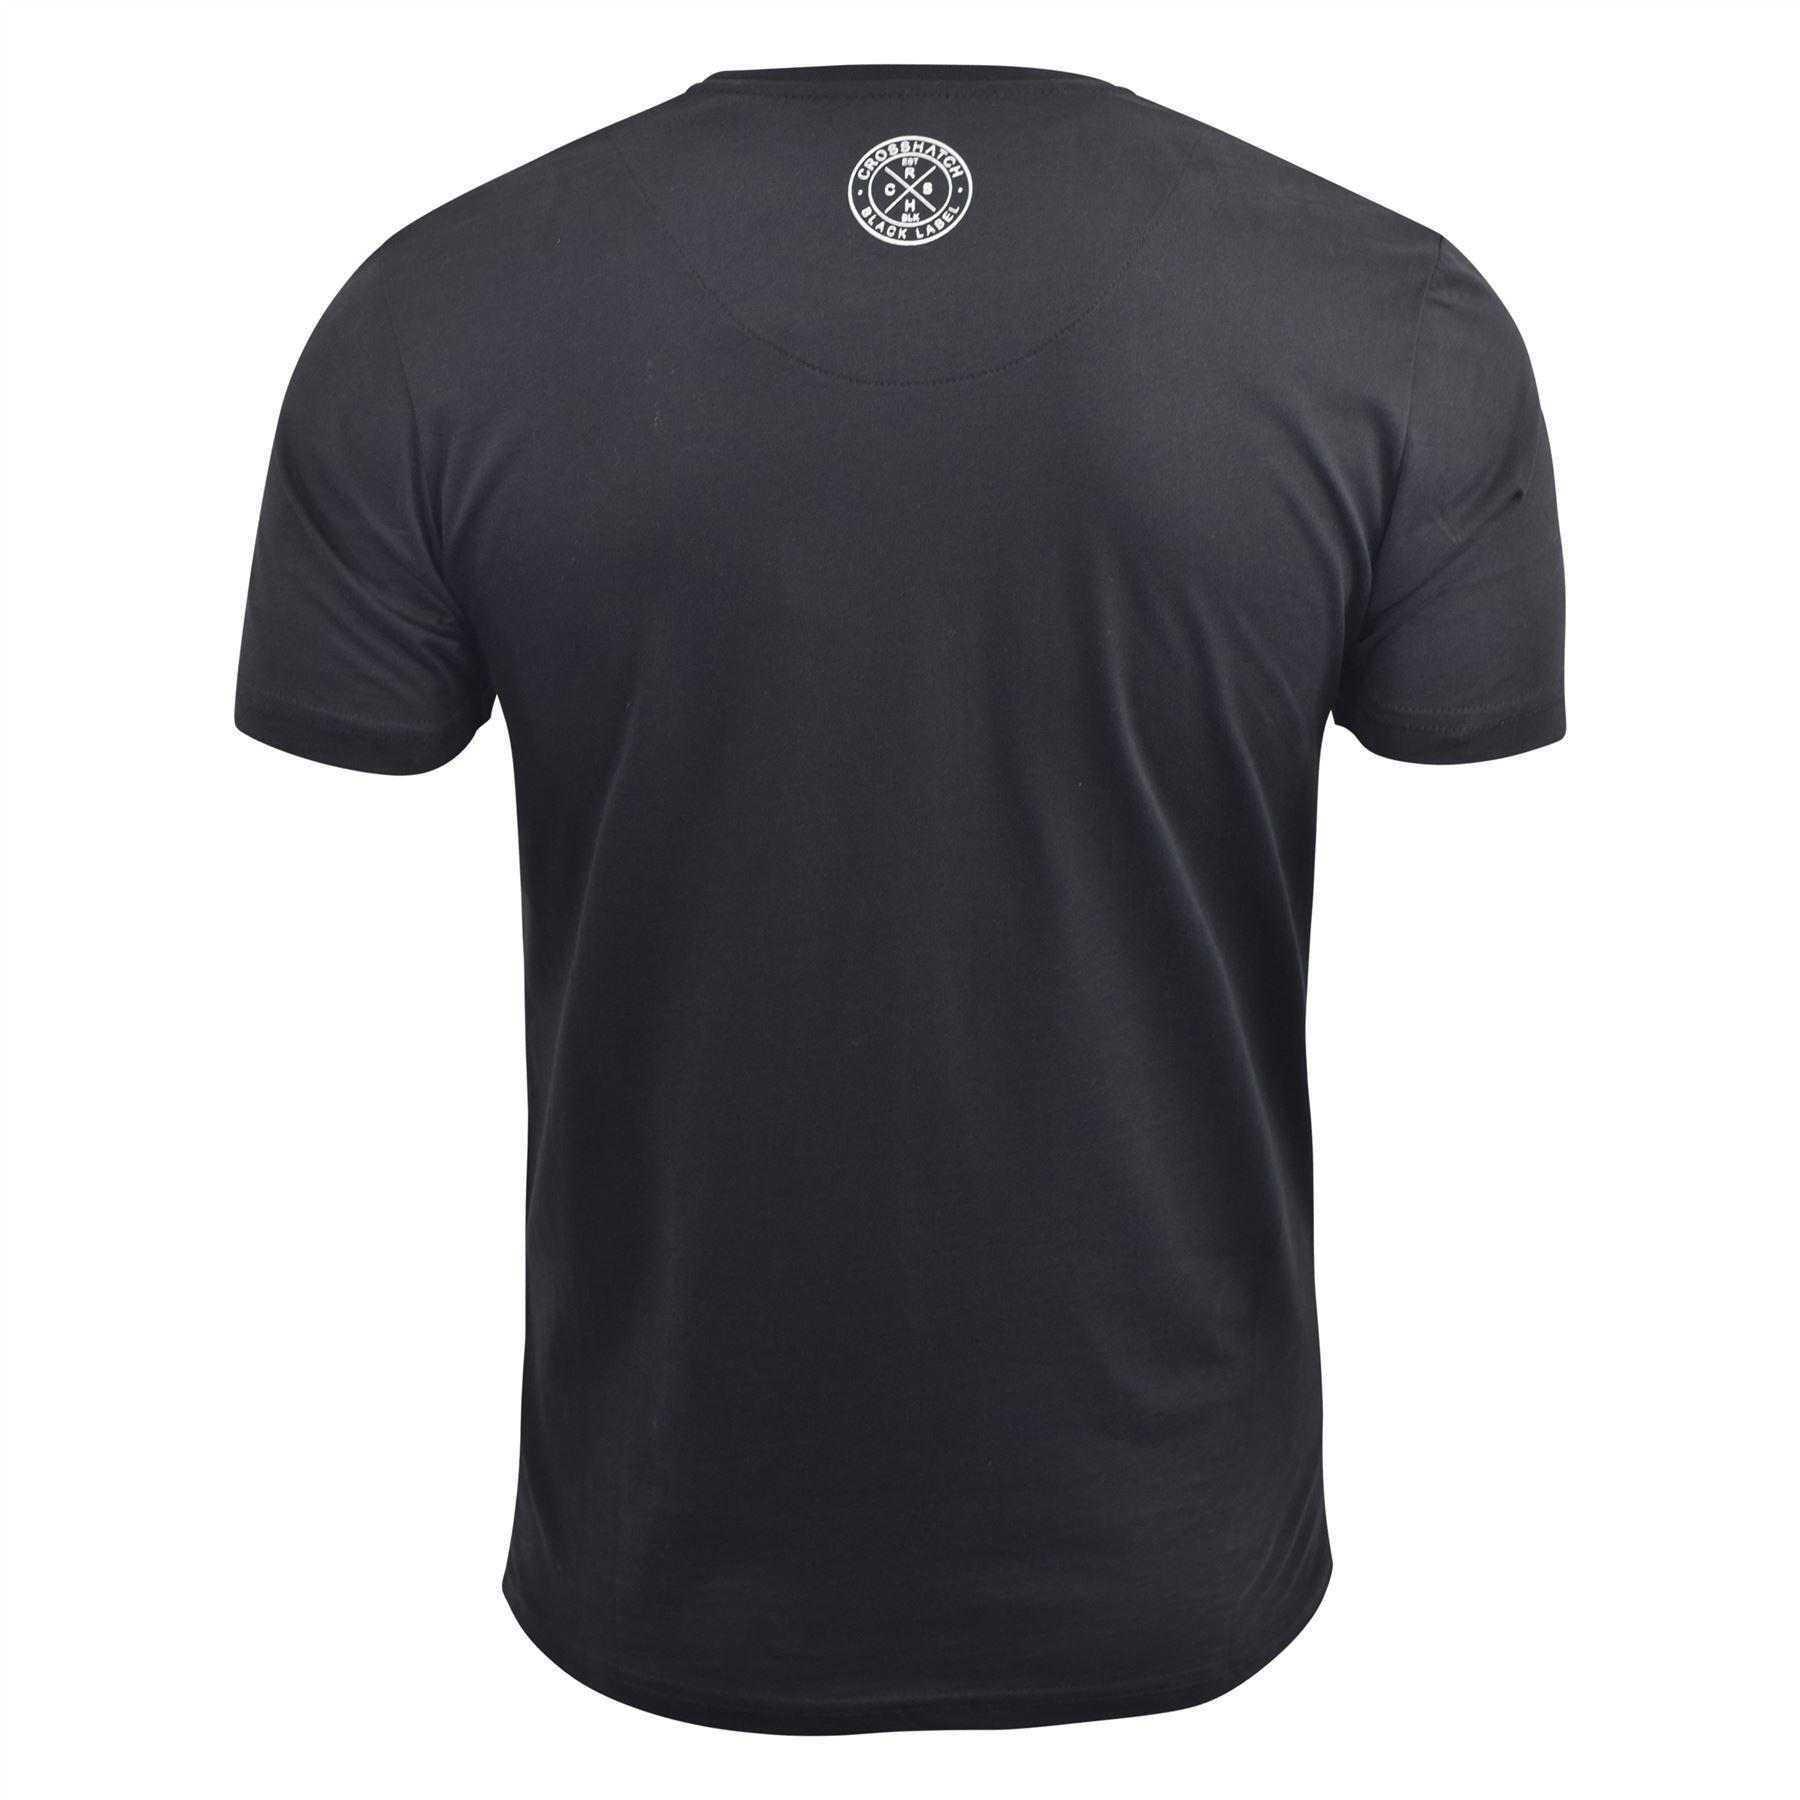 Para-Hombres-Crosshatch-Camiseta-Cuello-redondo-Prenda-para-el-torso-Camiseta-diagwol miniatura 3